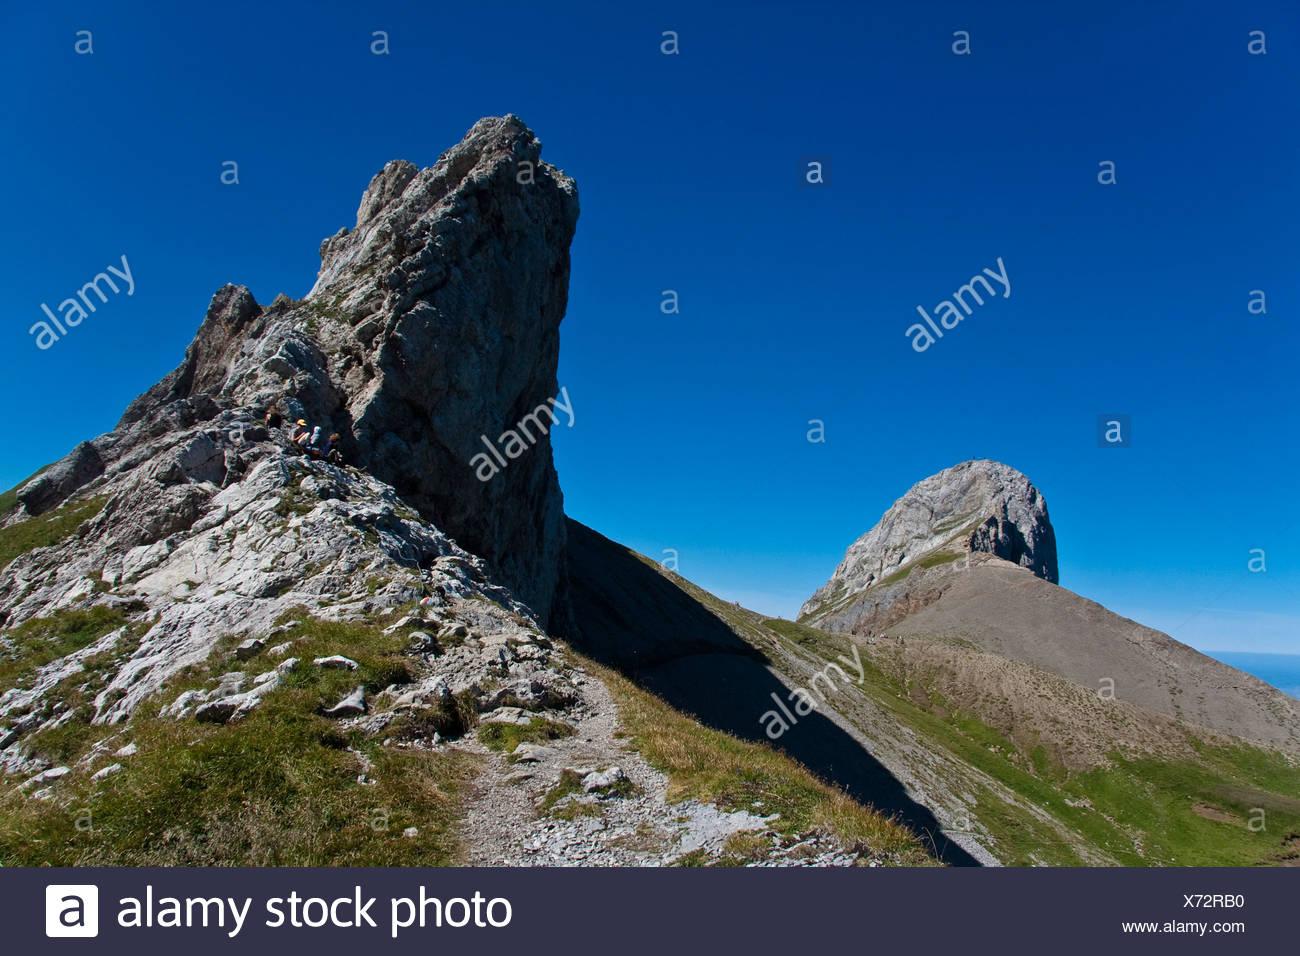 Mt. Oehrli auf der linken Seite, auf der rechten Seite des Mt. Haengeten, Alpsteingebirge Berge, Kanton St. Gallen, Schweiz, Europa Stockbild